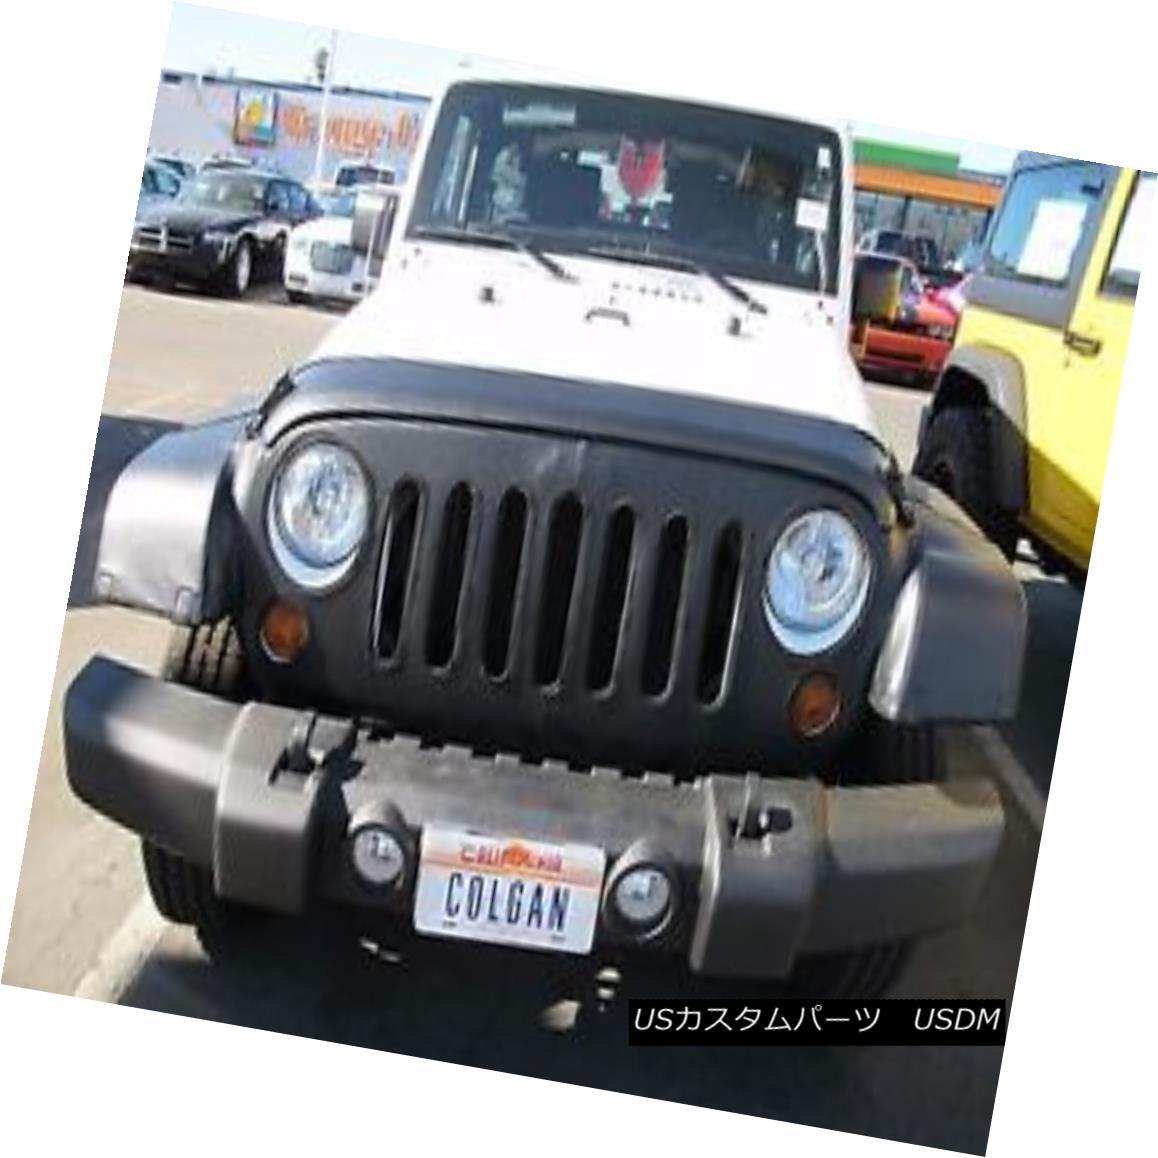 フルブラ ノーズブラ Colgan Front End Mask Bra 2pc. Fits Jeep Wrangler 2007-2014 W/O Lic.Plate コルガンフロントエンドマスクブラ2pc ジープラングラー2007-2014 W / O Lic.Plateに適合